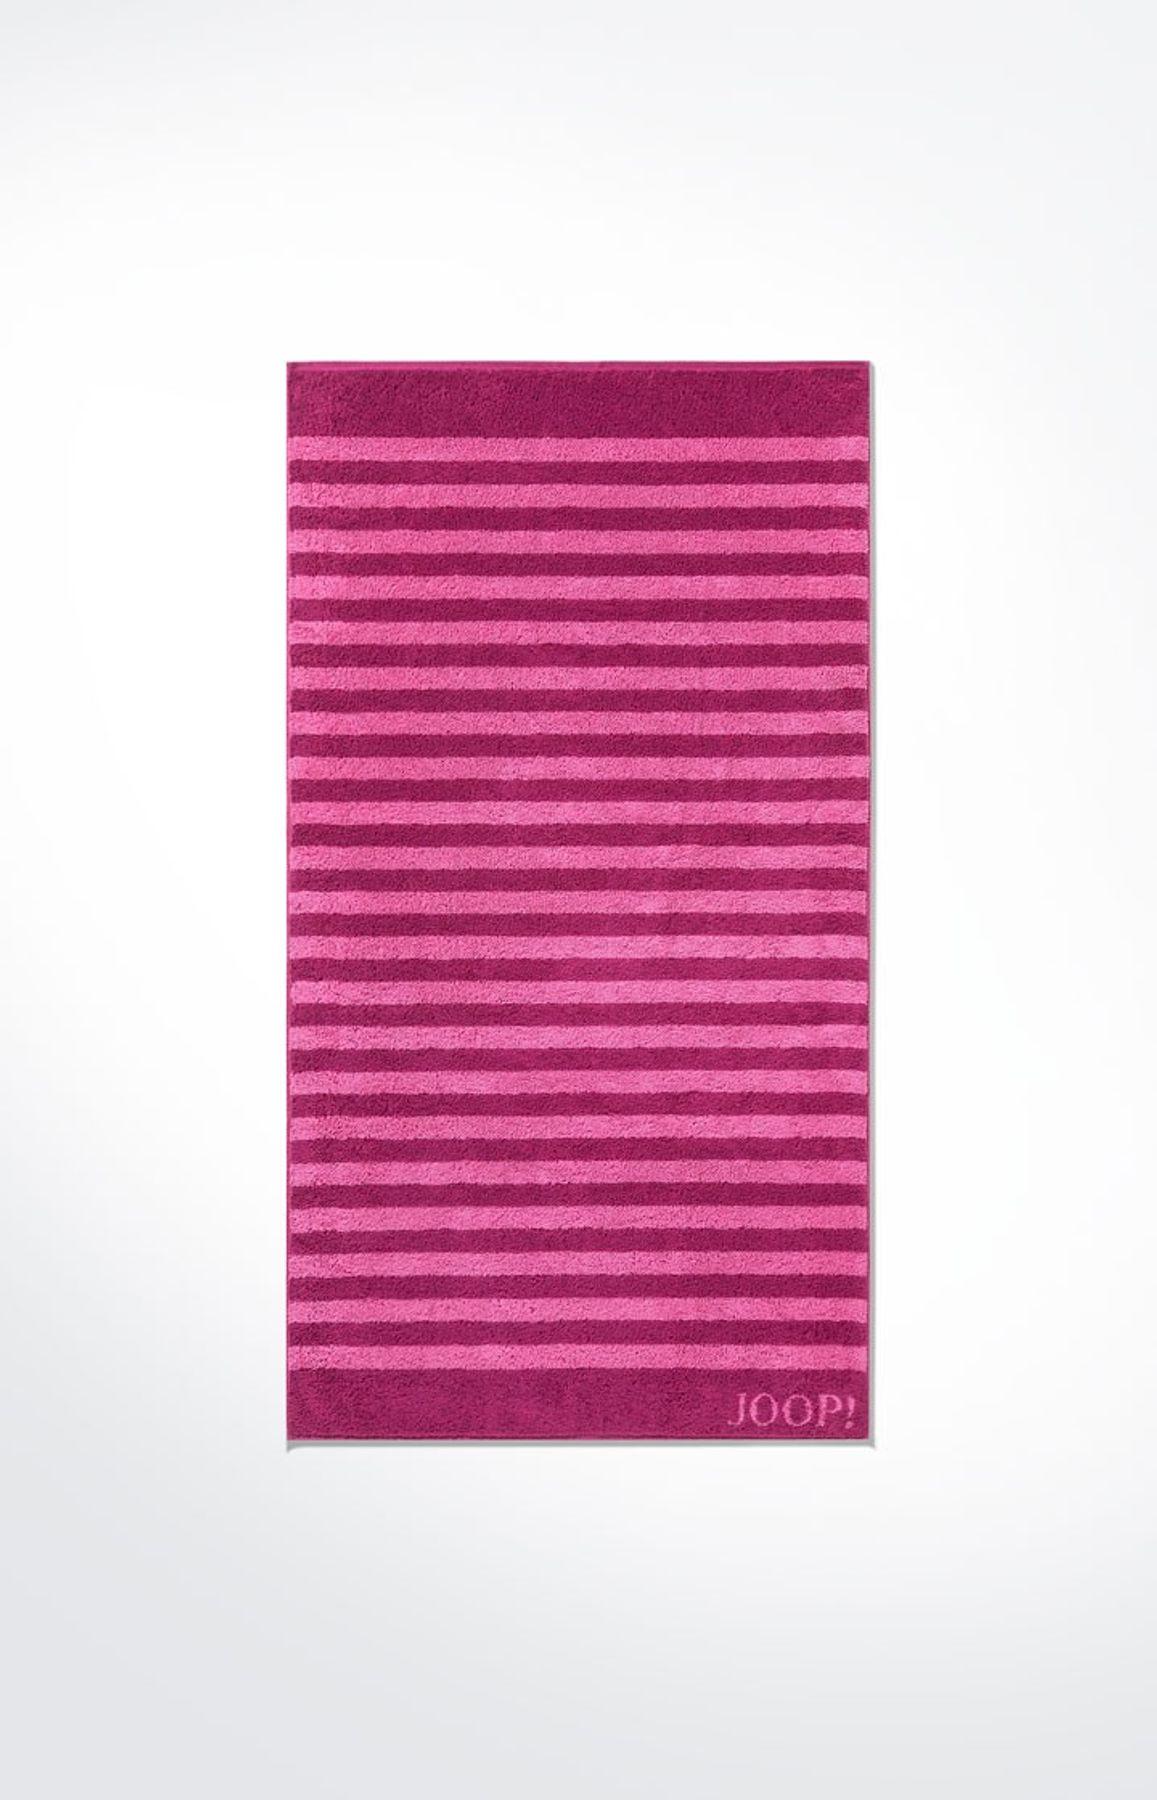 JOOP! - Frottier Handtuch in verschiedenen Größen und Farben, Classic Stripes (1610)  – Bild 8